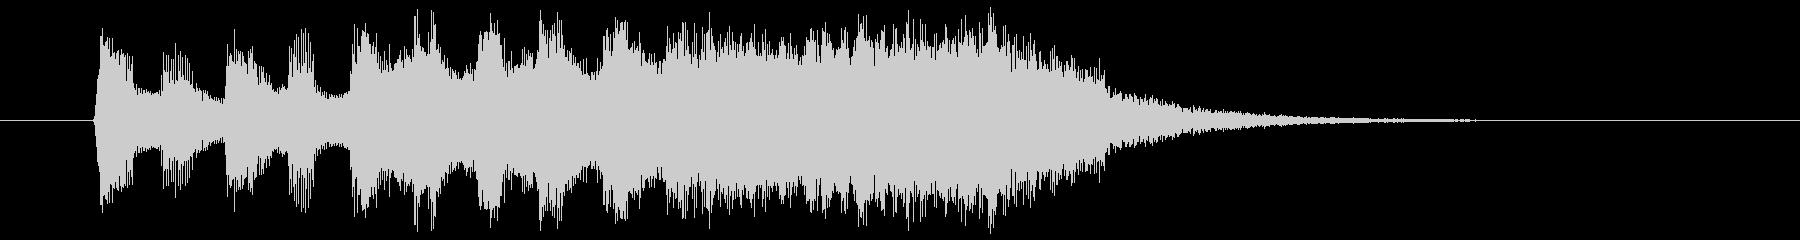 10秒の壮大なアジアンクラシックの未再生の波形